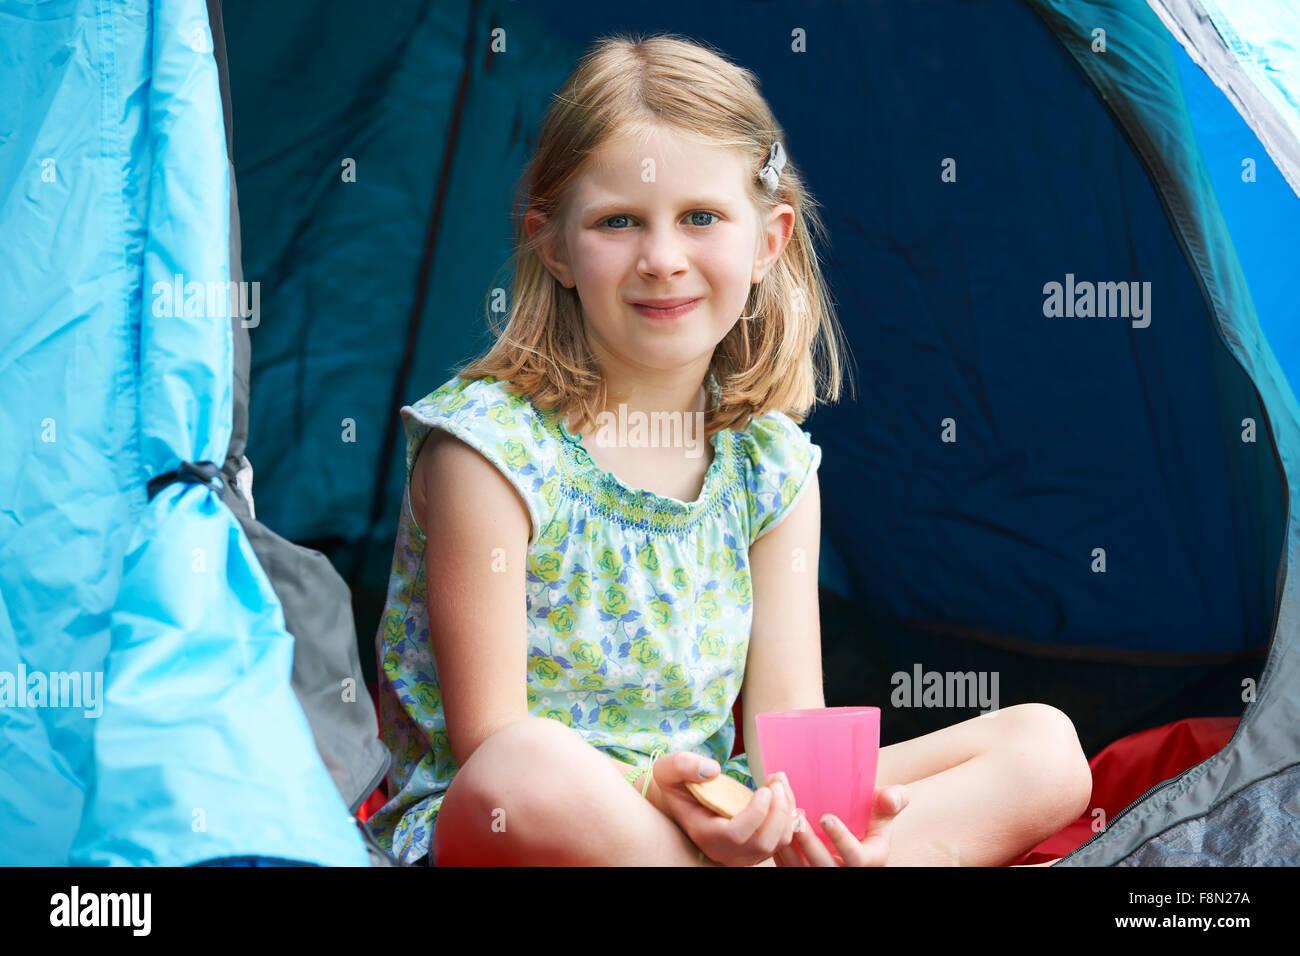 Mädchen mit Snack auf Camping-Ausflug Stockbild